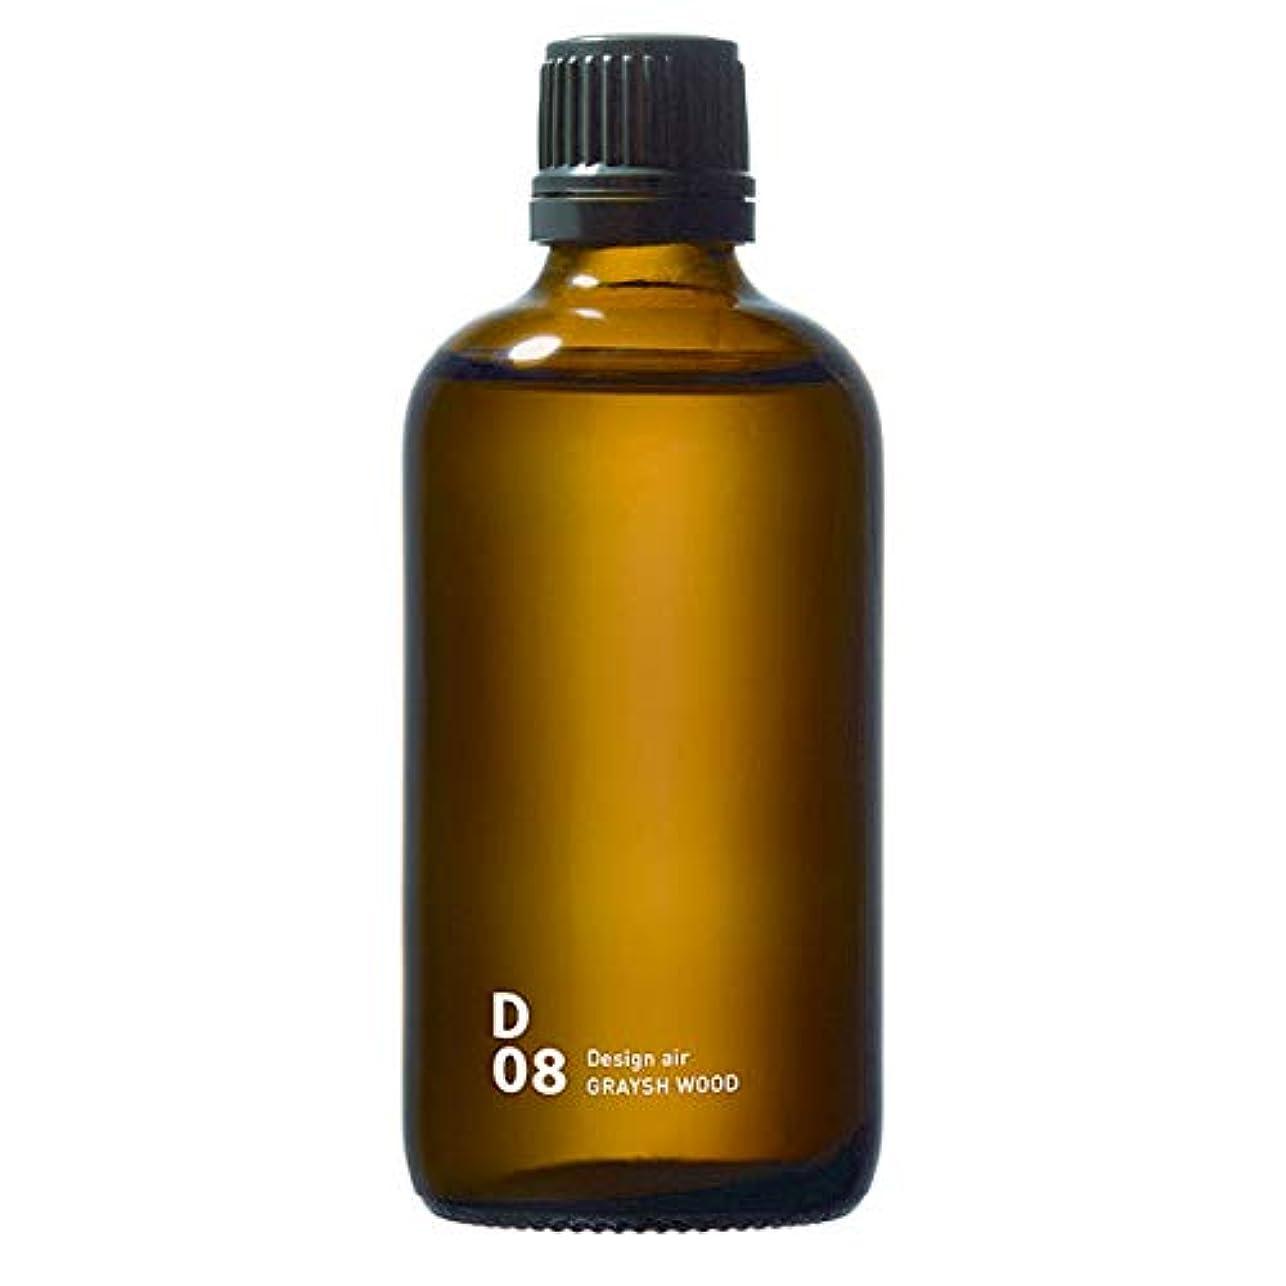 スマイル隔離する報告書D08 GRAYISH WOOD piezo aroma oil 100ml